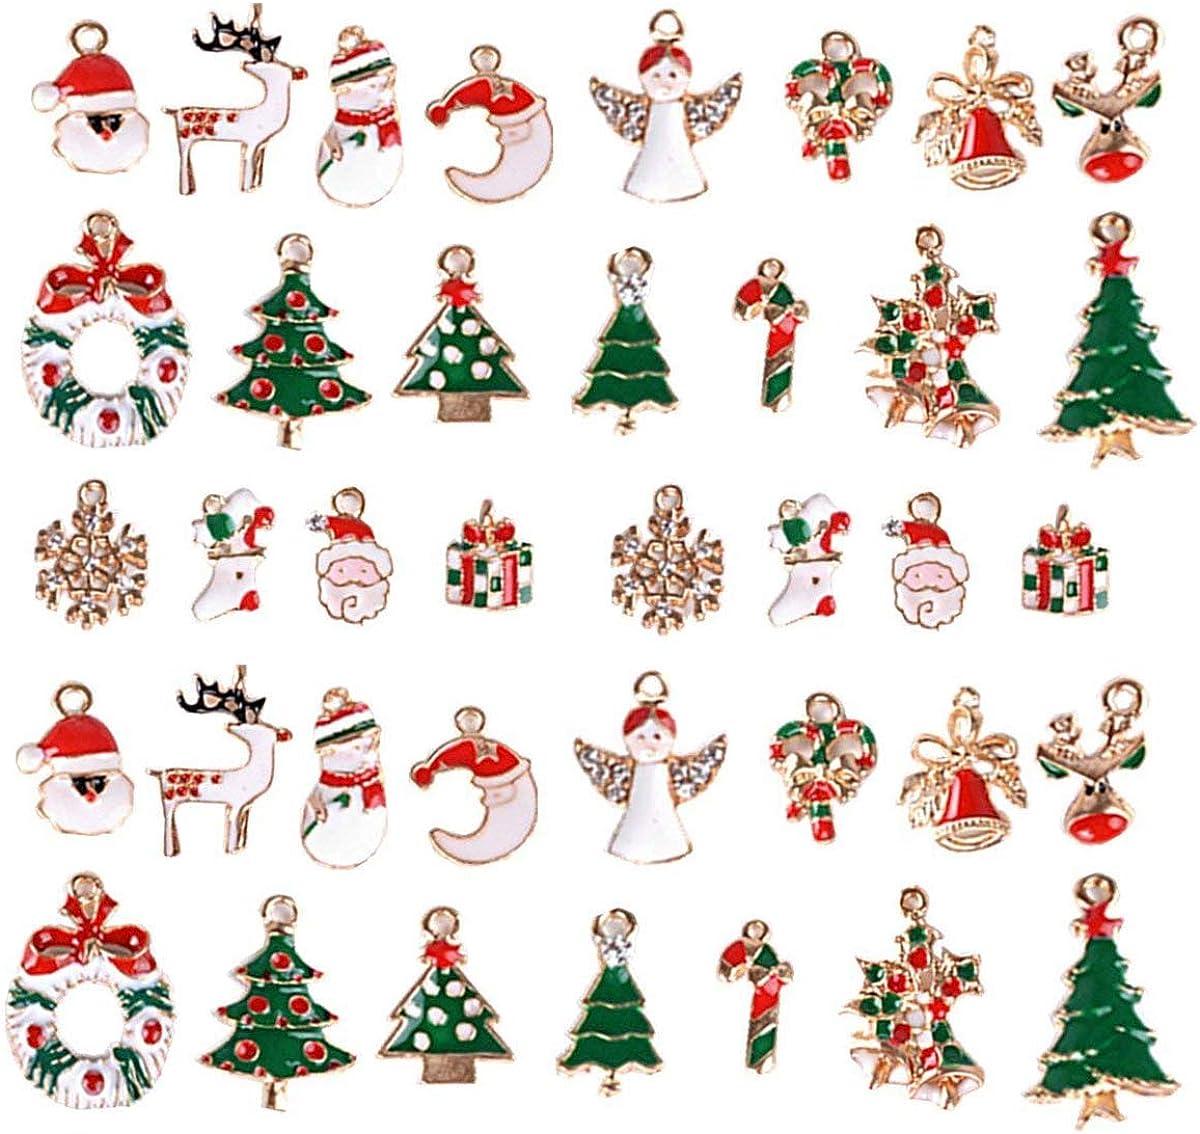 Weihnachten Charms Mini Anhänger Mixed Weihnachten Hängeornamente Set Für Diy Schmuck Halskette Armband Machen 38 Stück